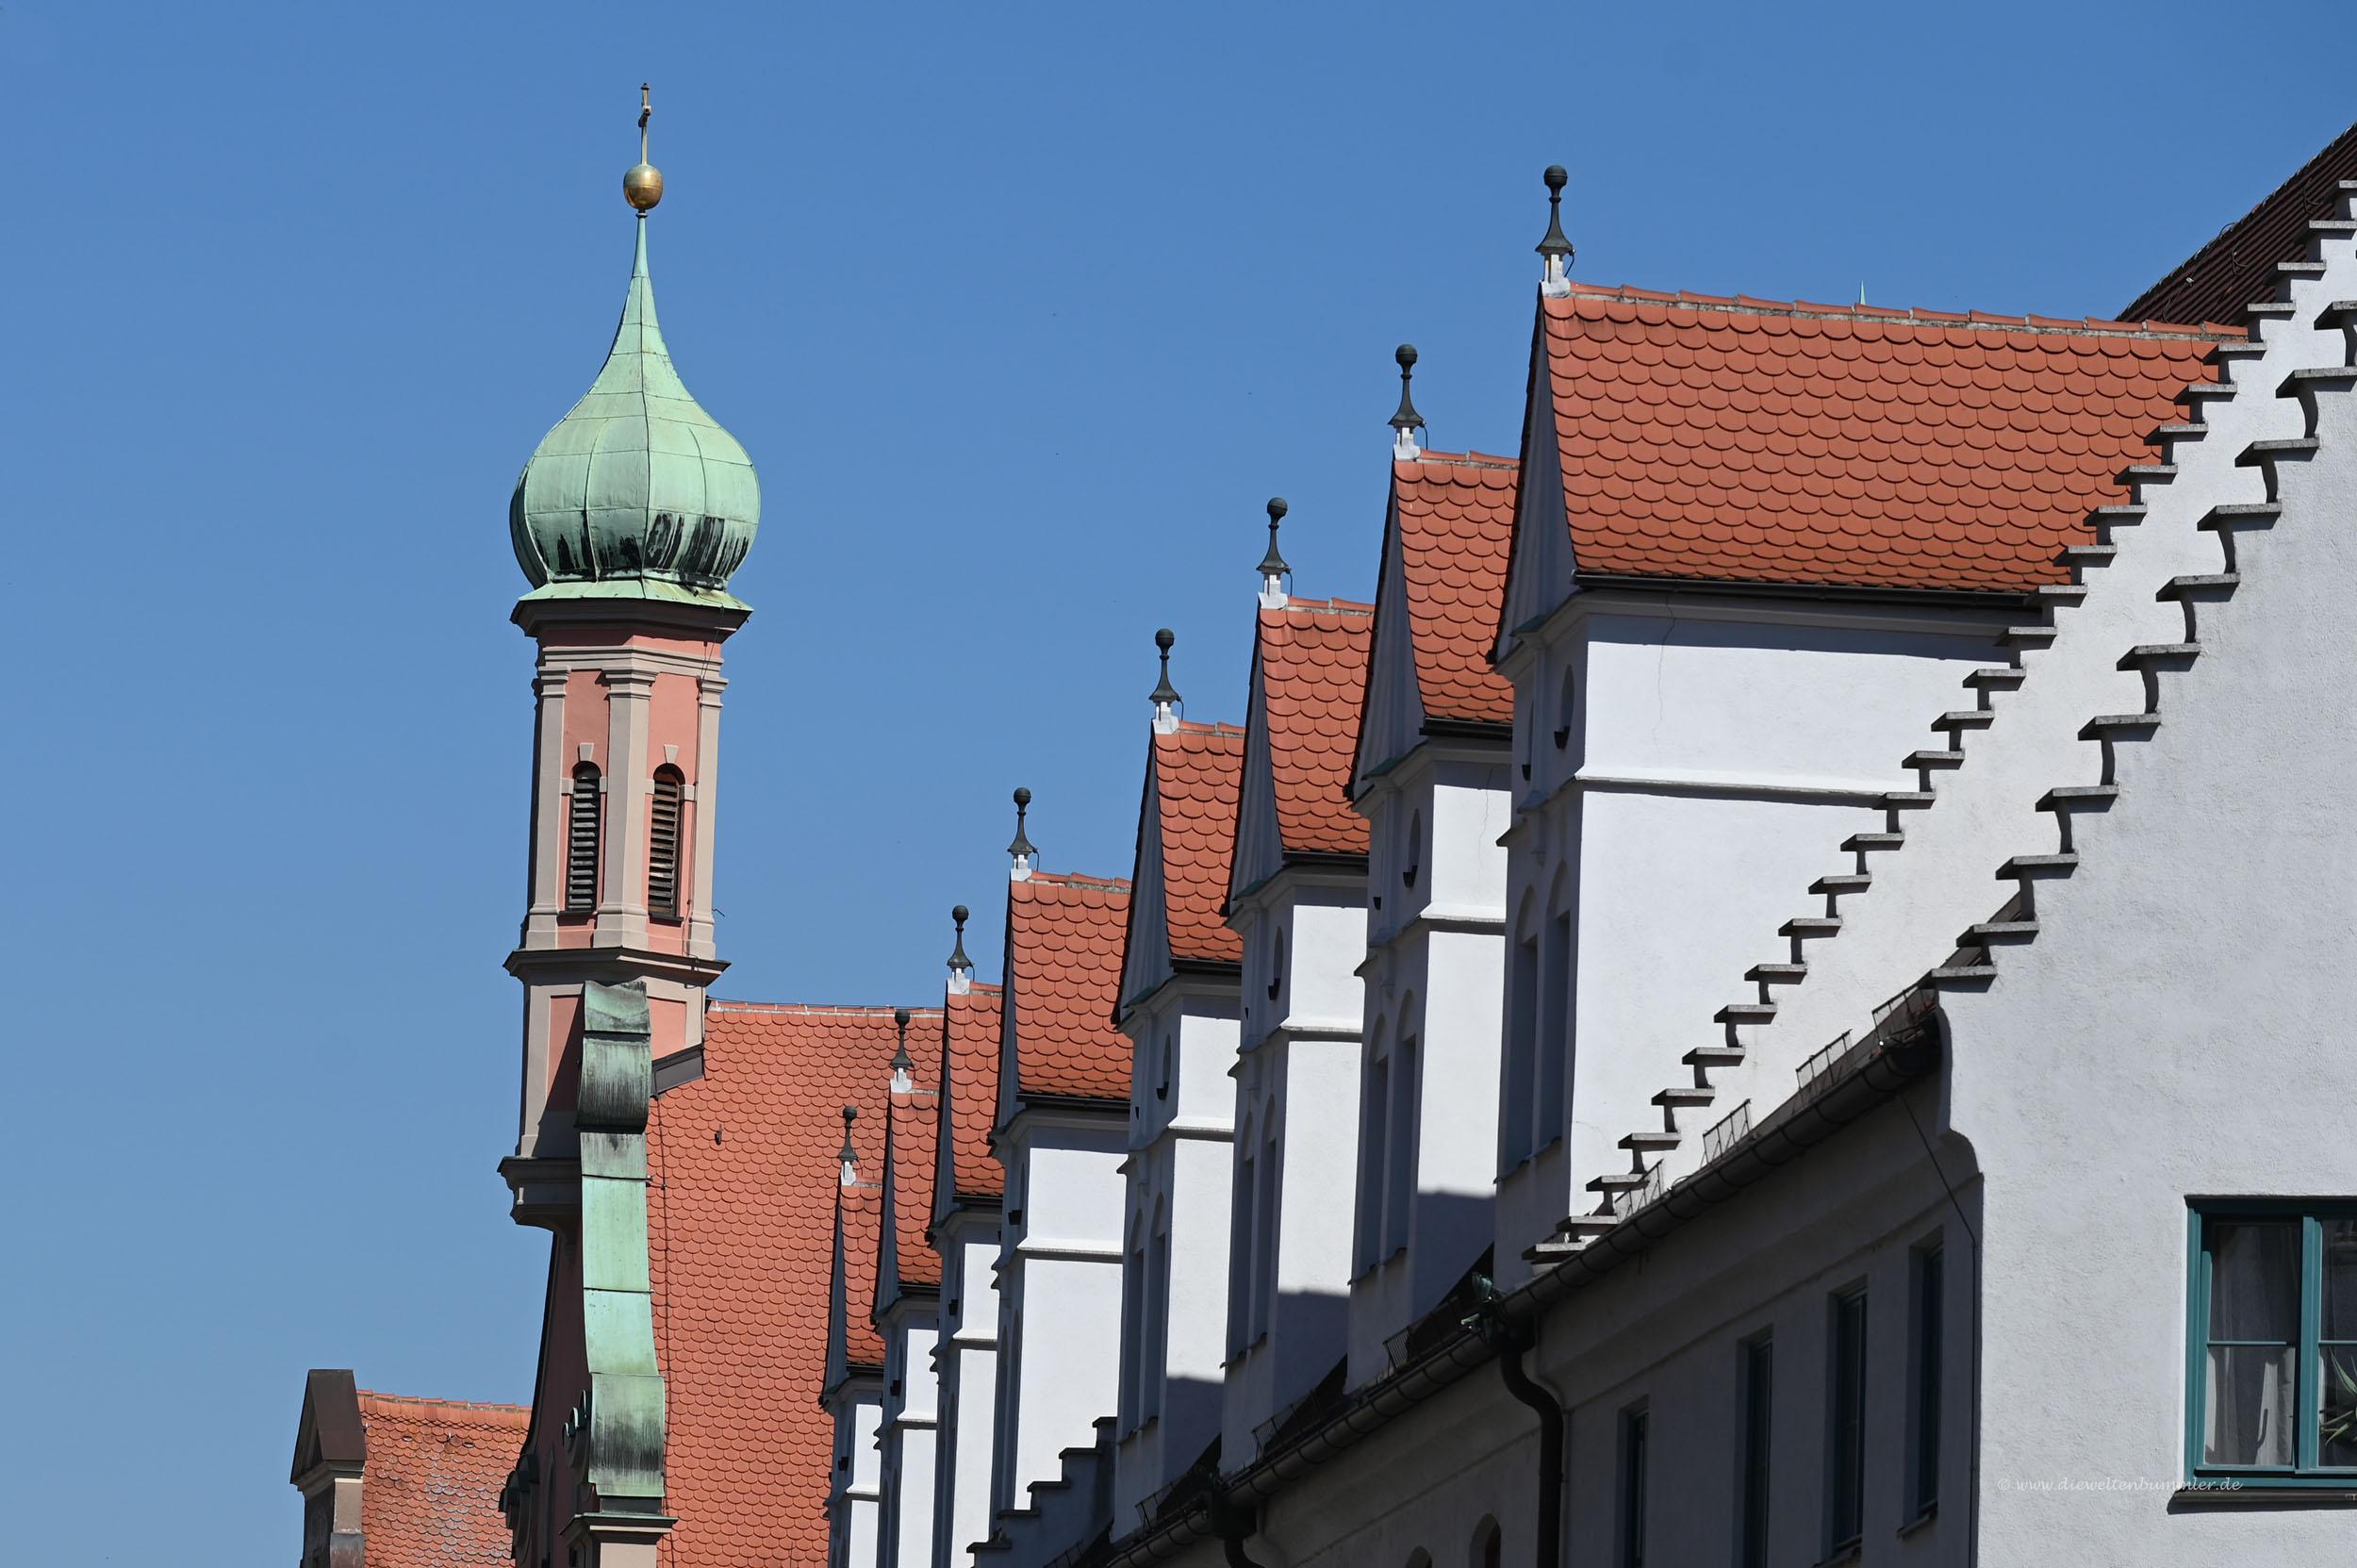 Drolliger Turm